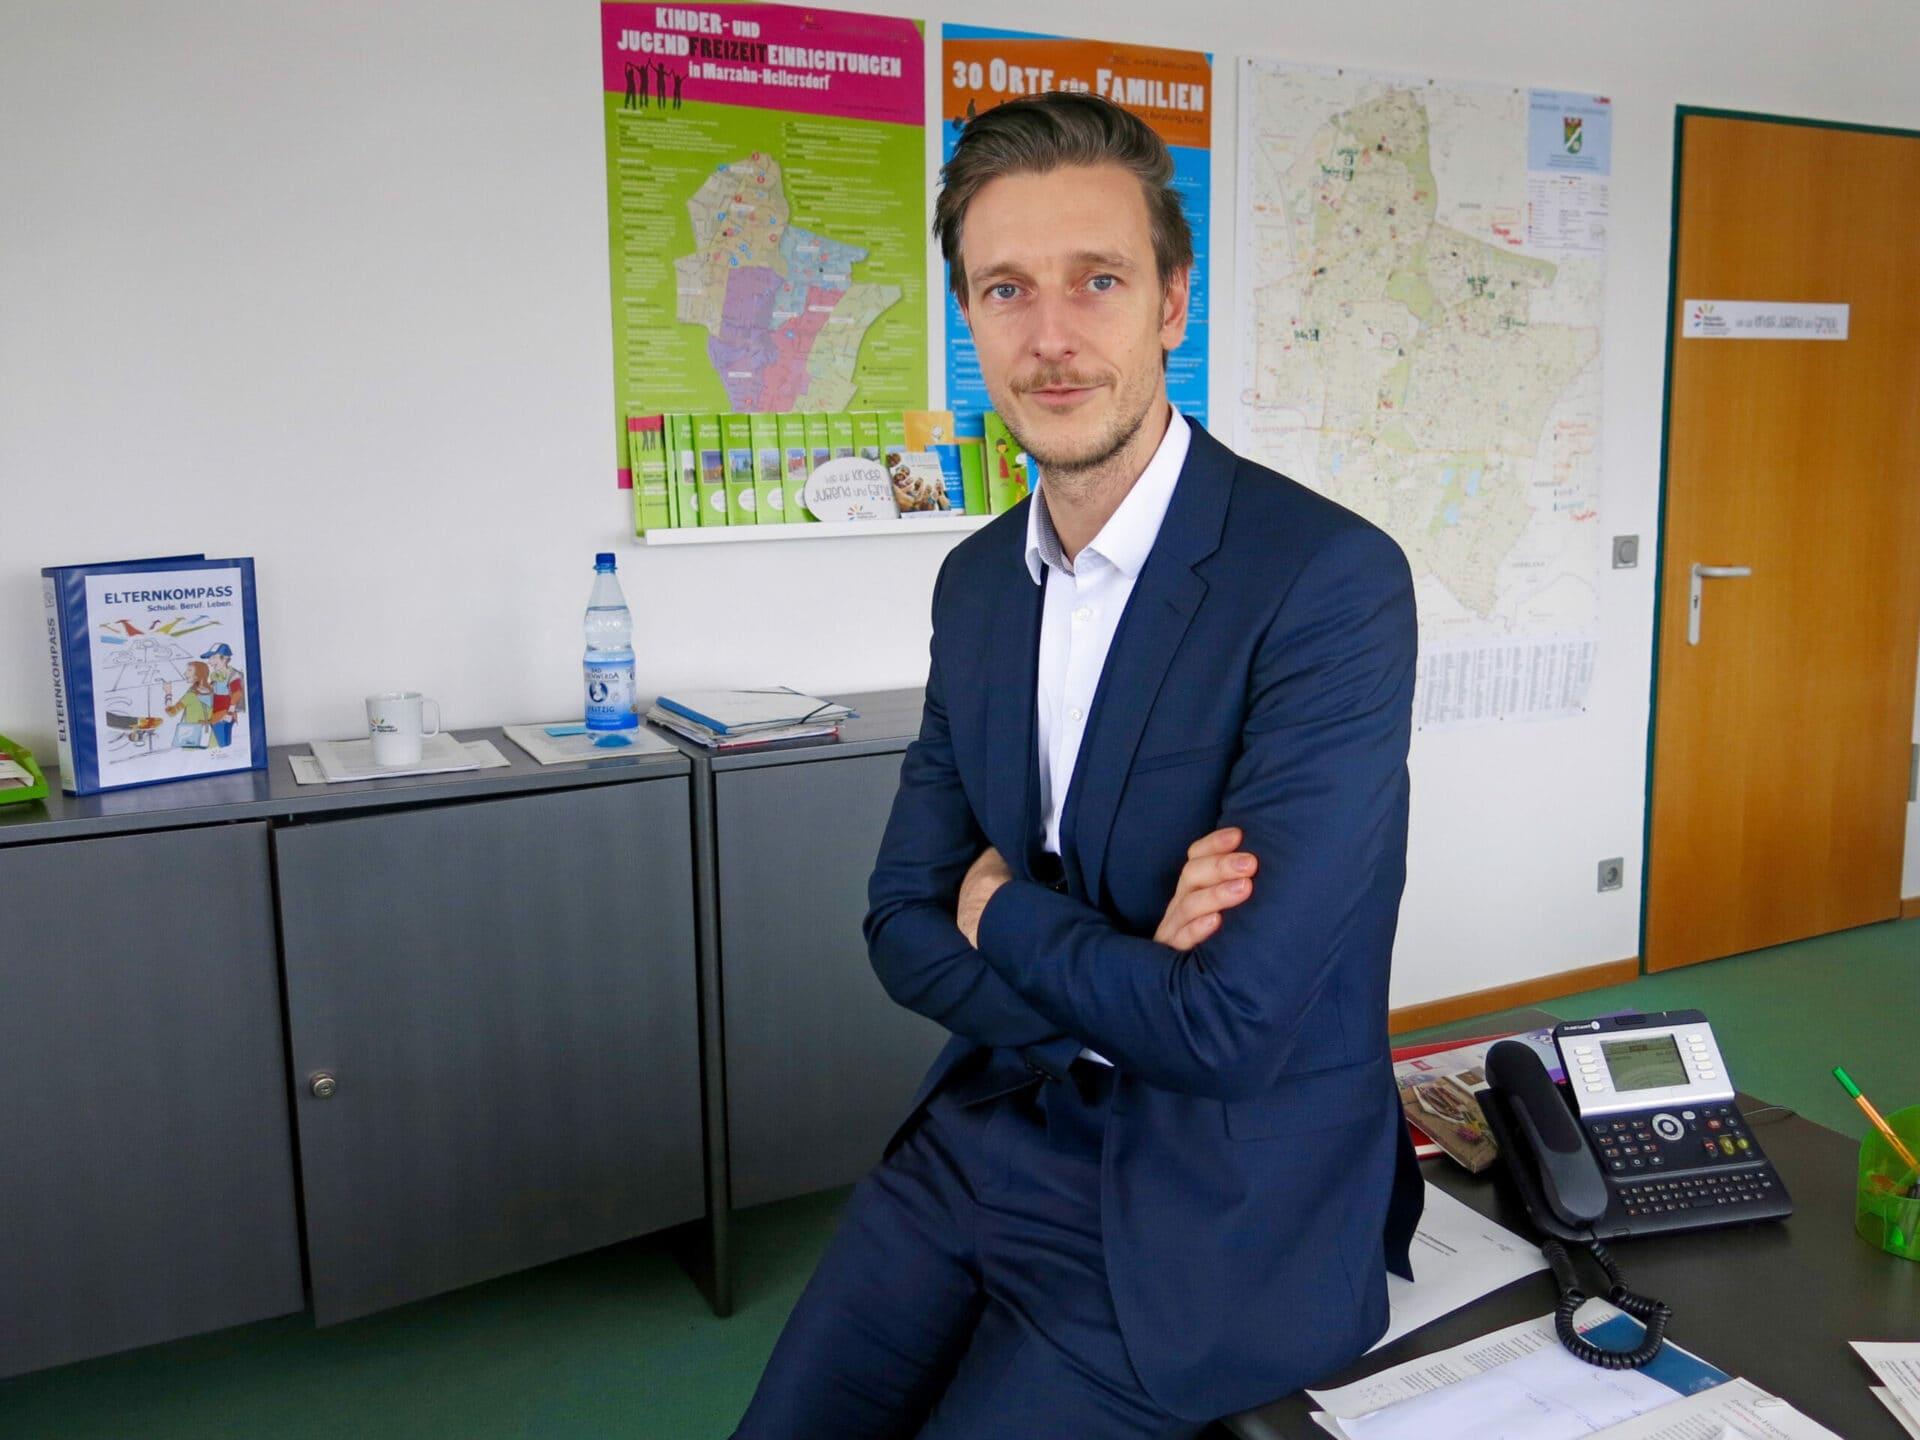 Gordon Lemm, Bezirksschulrat von Marzahn-Hellersdorf